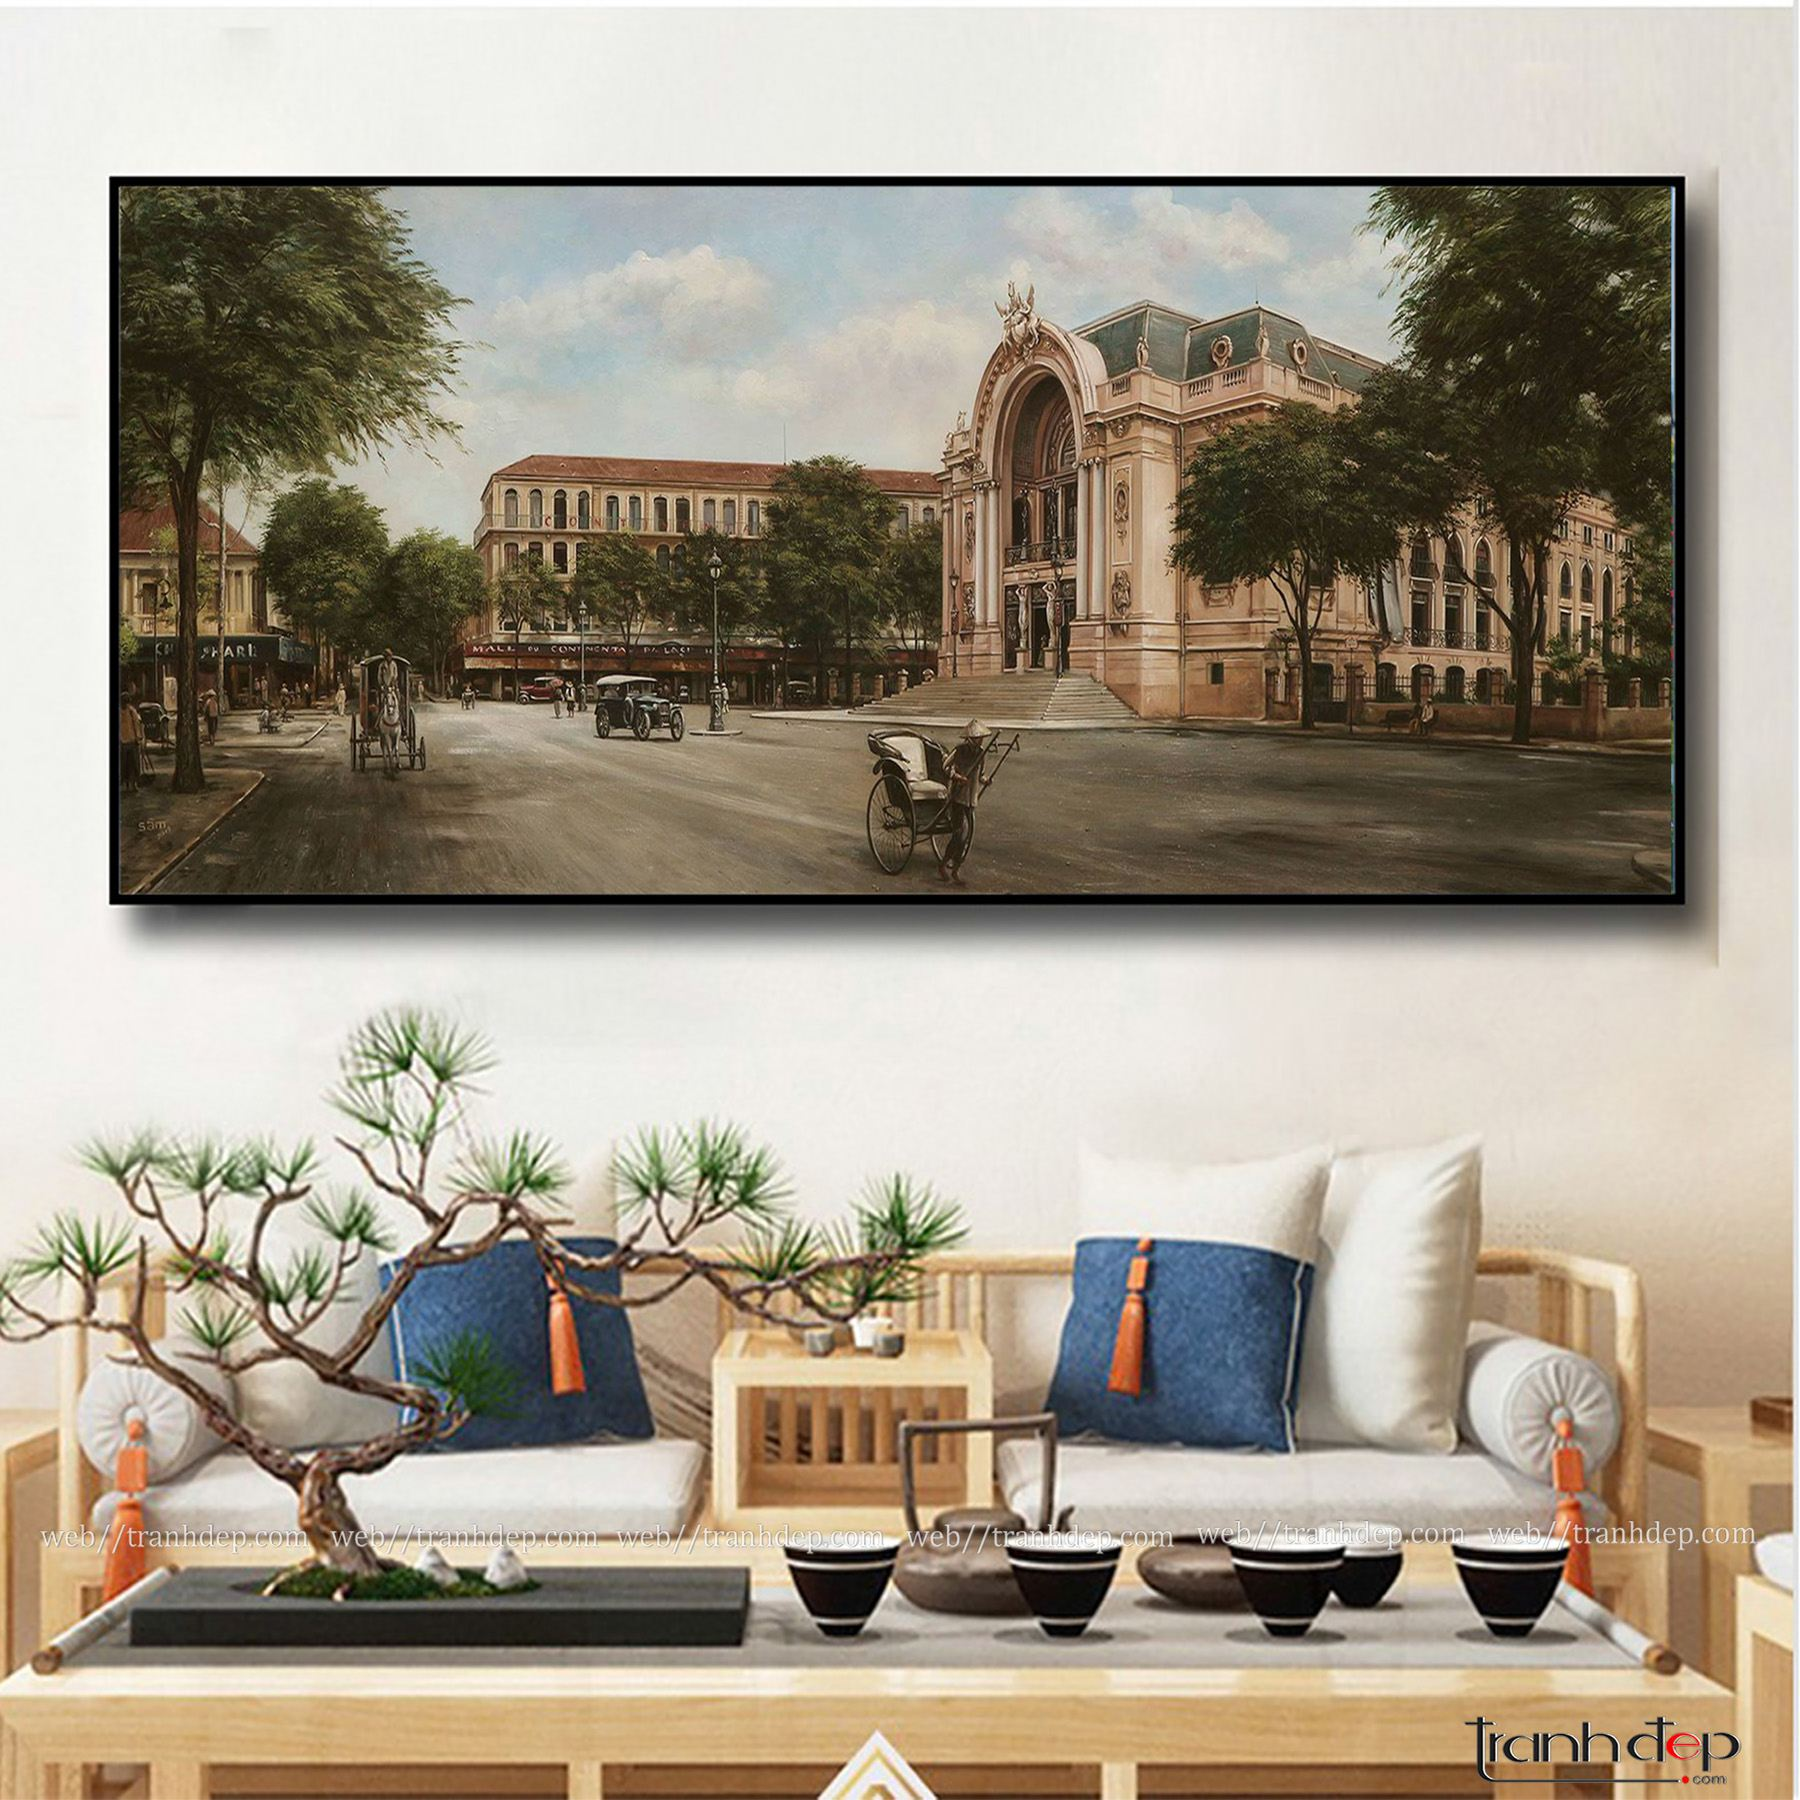 Tranh Phố Cổ Sài Gòn Xưa | Nhà Hát Lớn Sài Gòn